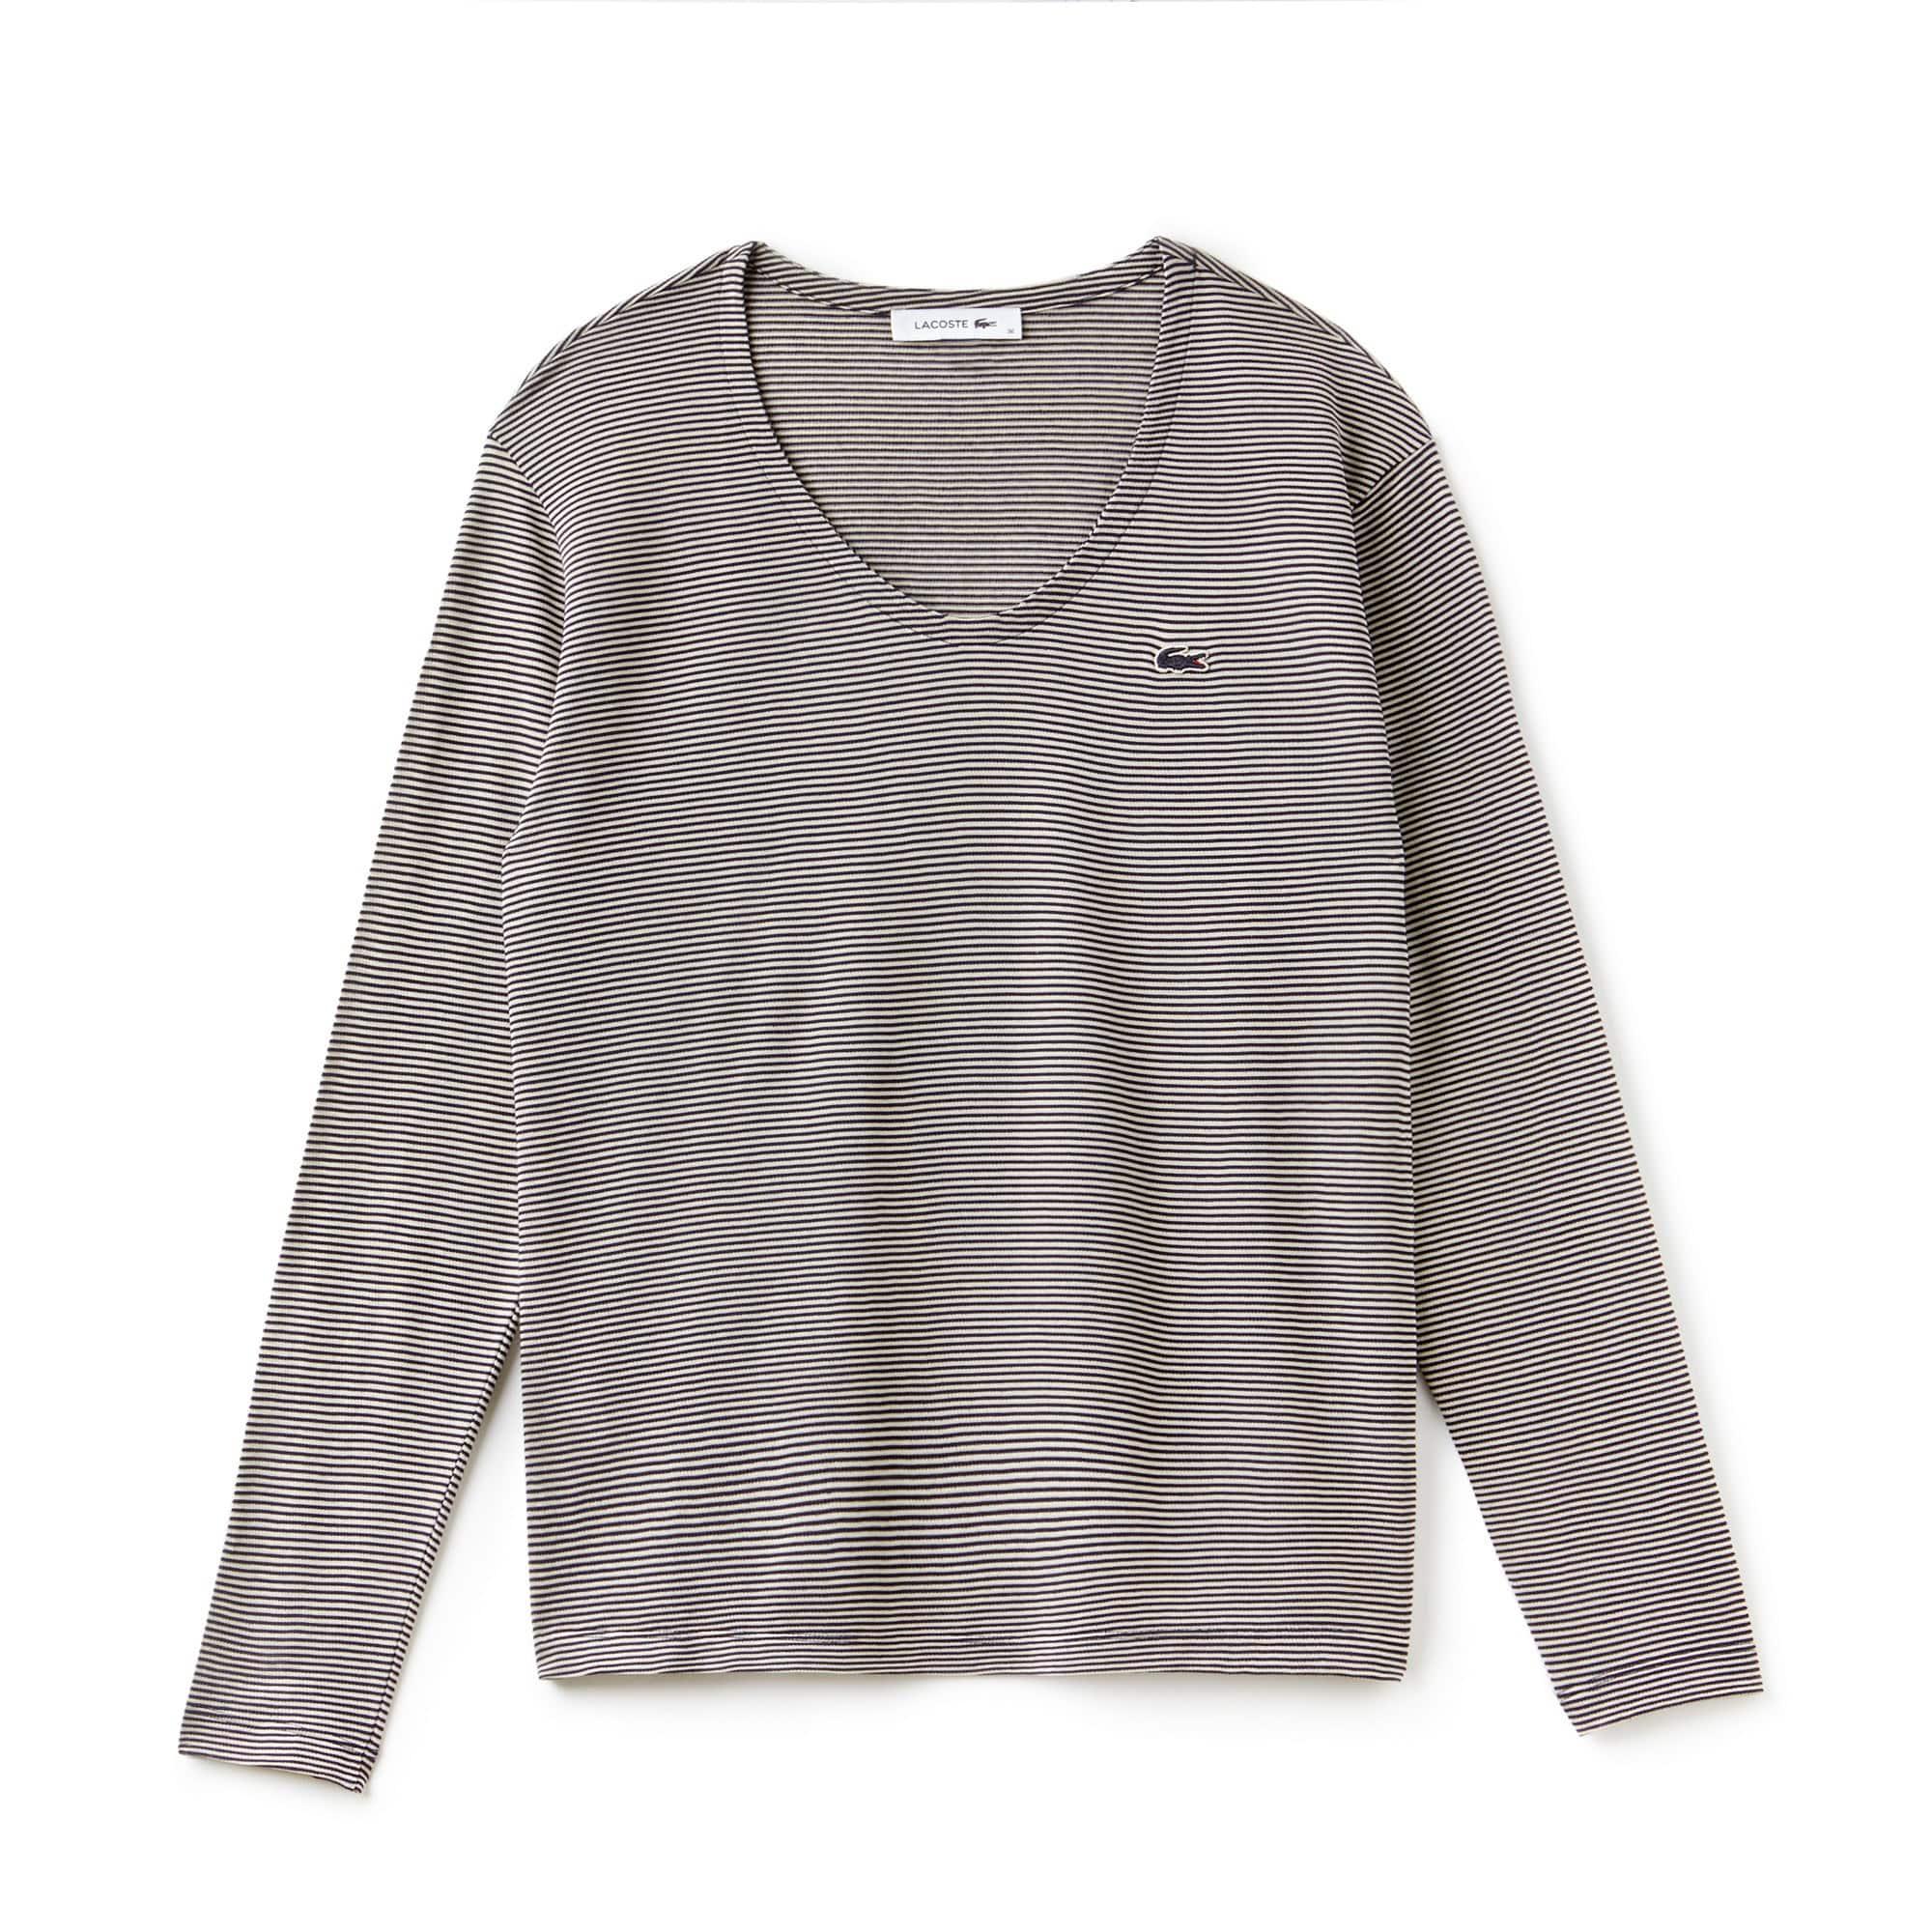 T-shirt dames brede hals ottomanjersey met krijtstrepen